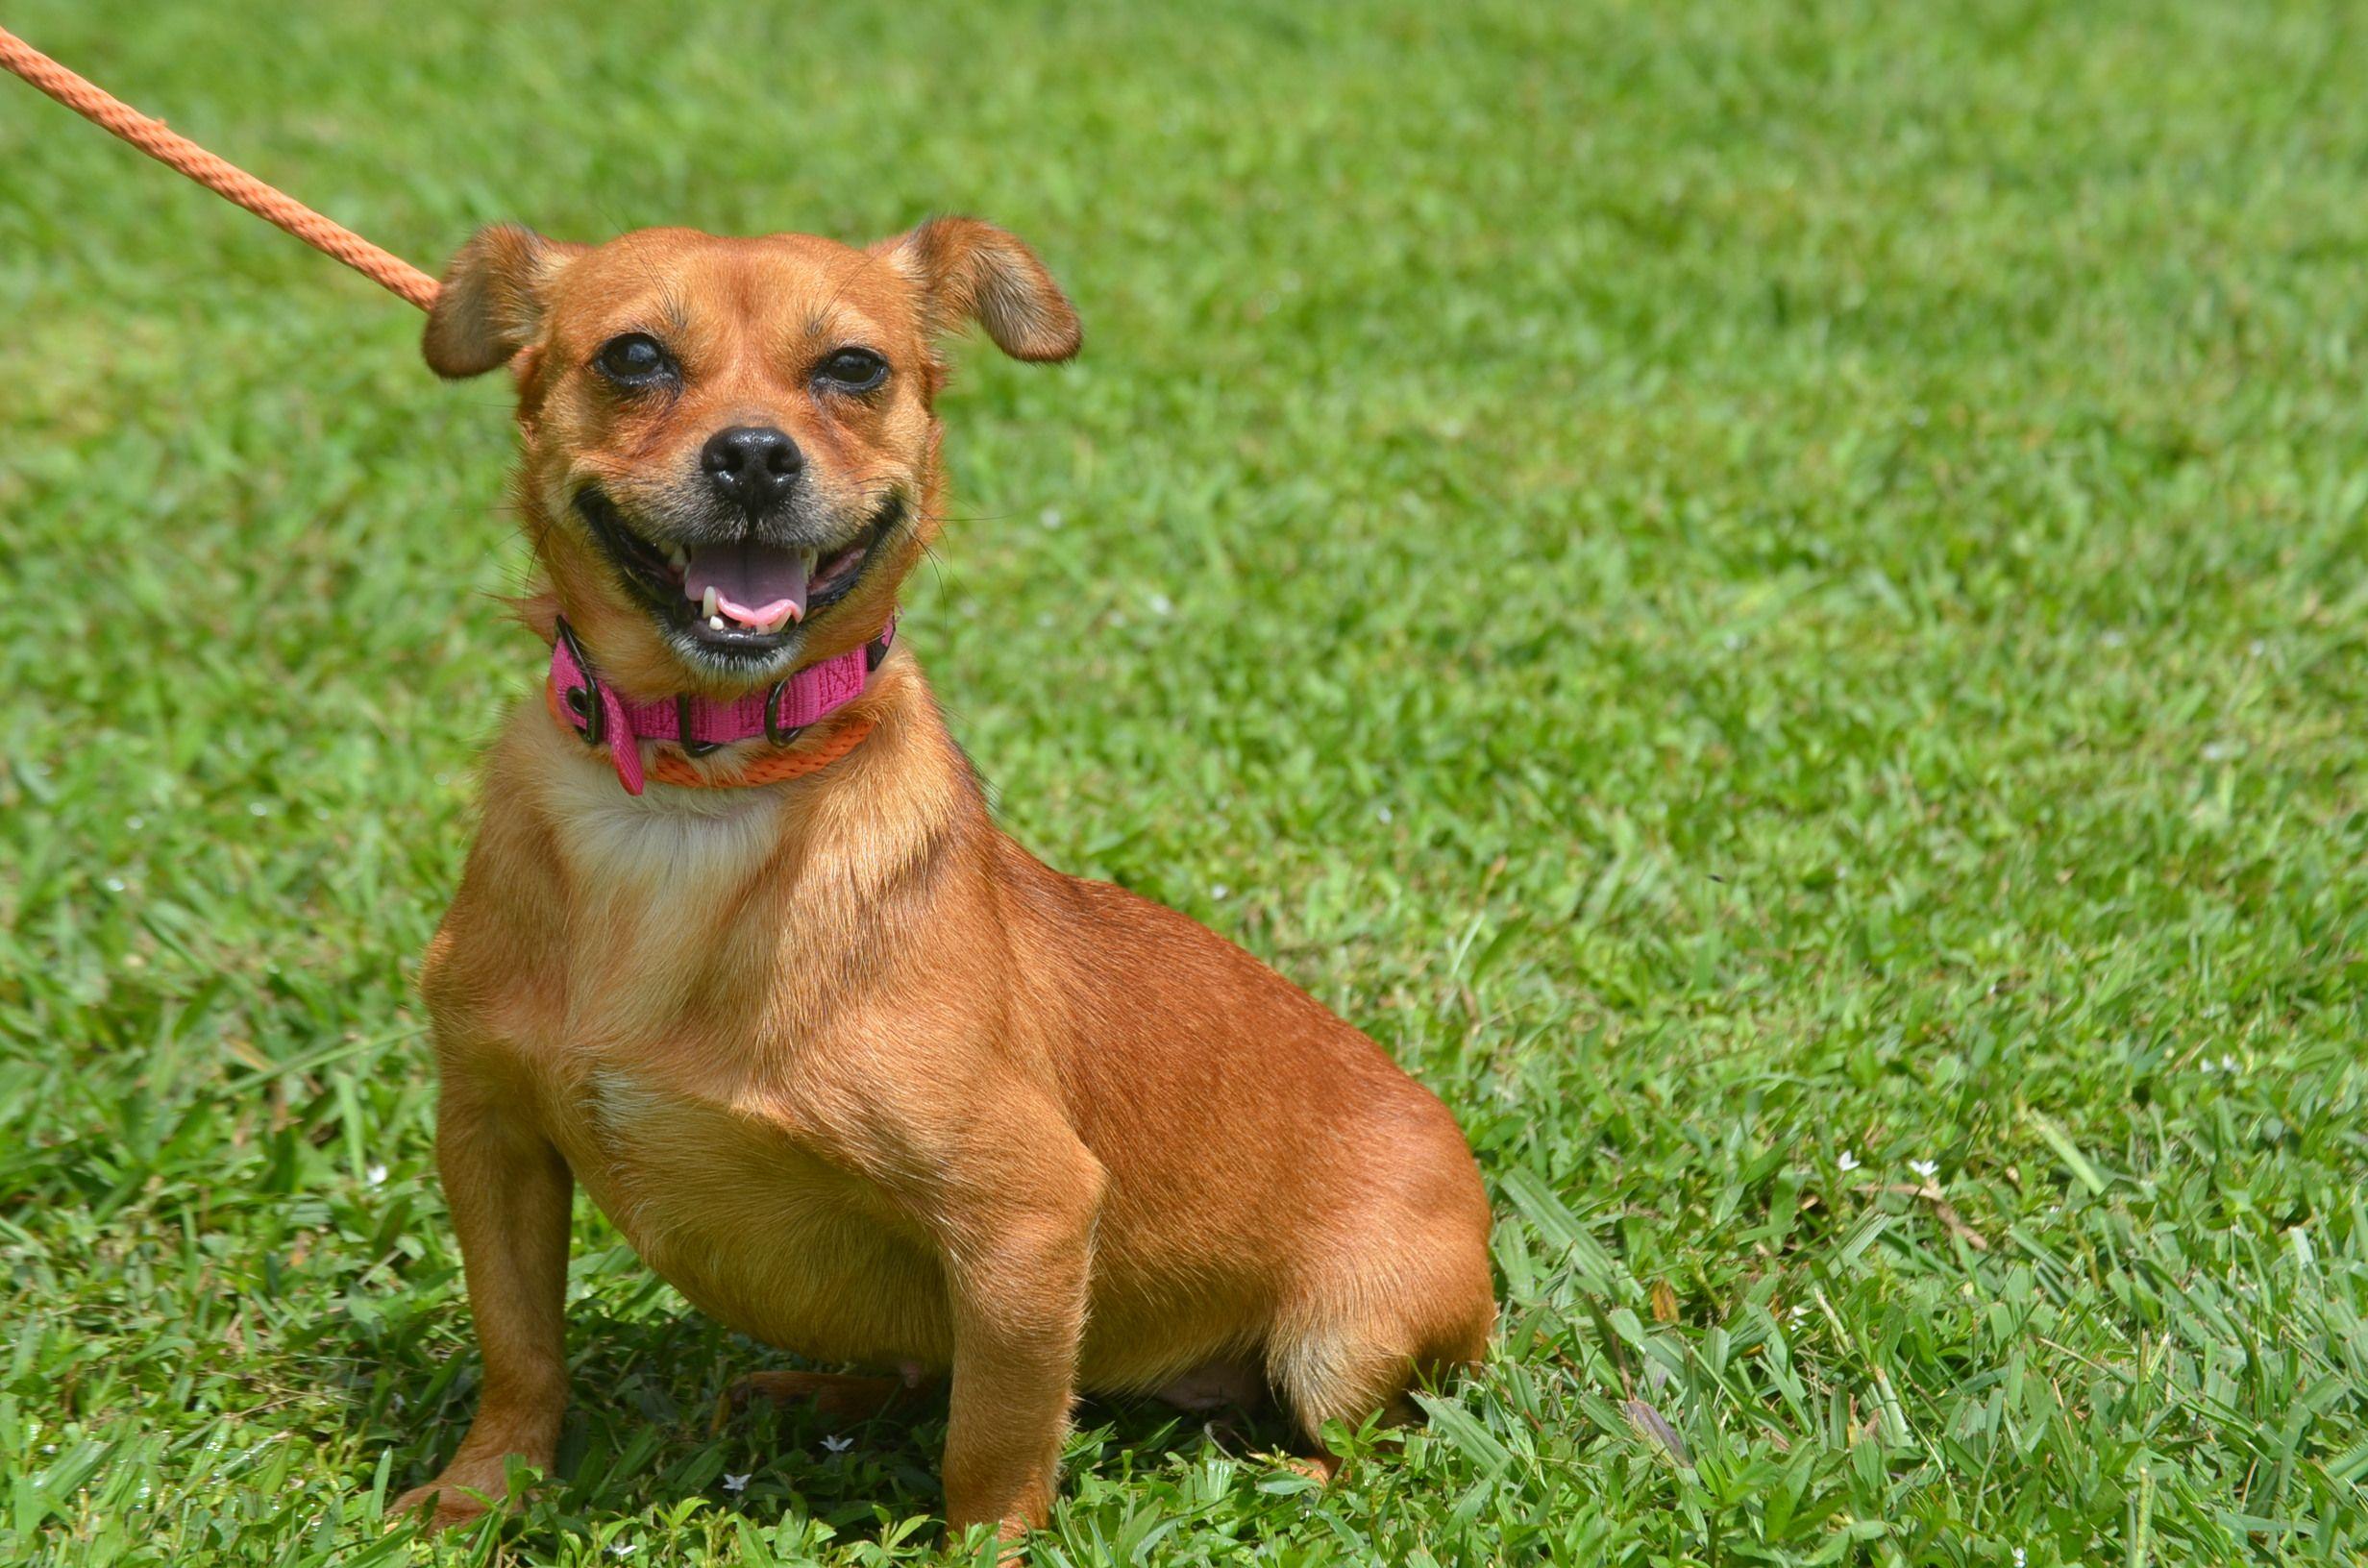 Daug Dog For Adoption In Doylestown Pa Adn 428164 On Puppyfinder